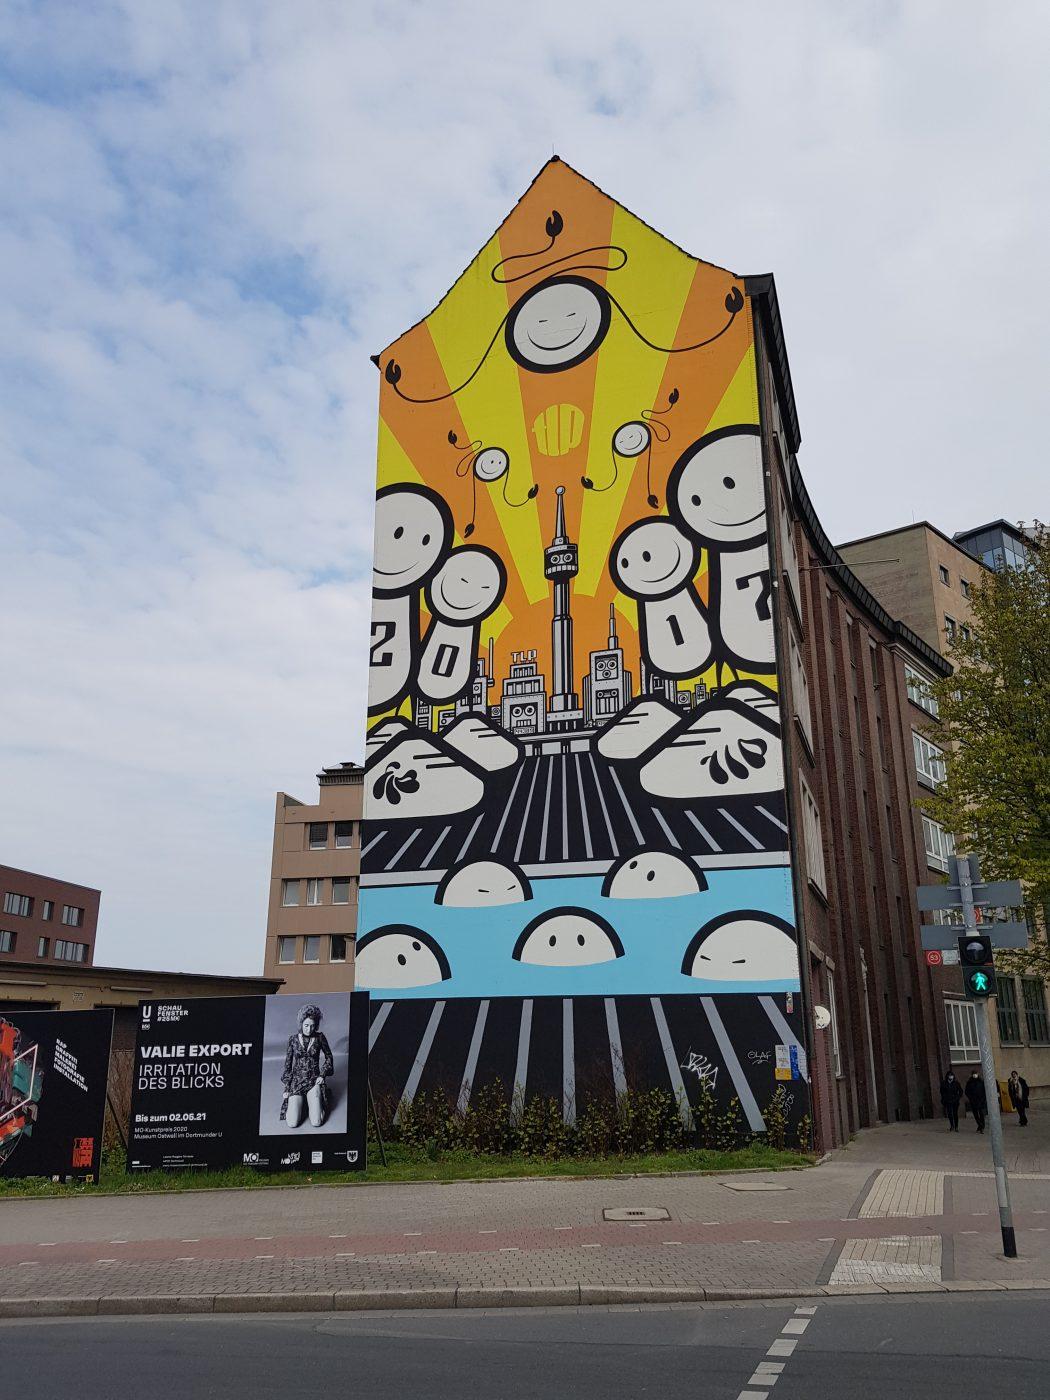 Das Foto zeigt Streetart auf einer Hauswand in der Nähe des Dortmunder Us